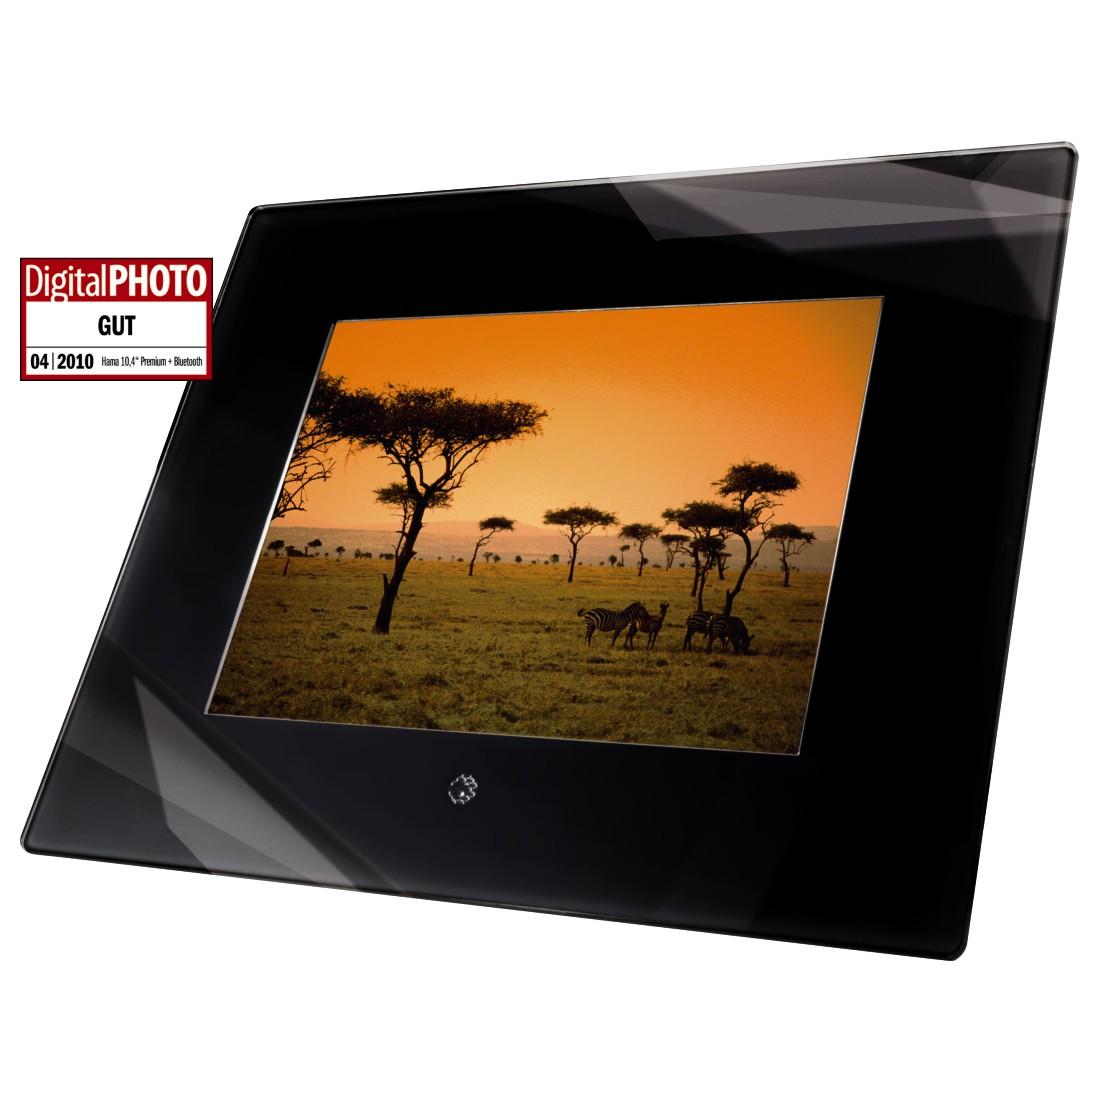 Hama DE | 00090919 Hama Digitaler Bilderrahmen 26,4 cm (10,4 ...